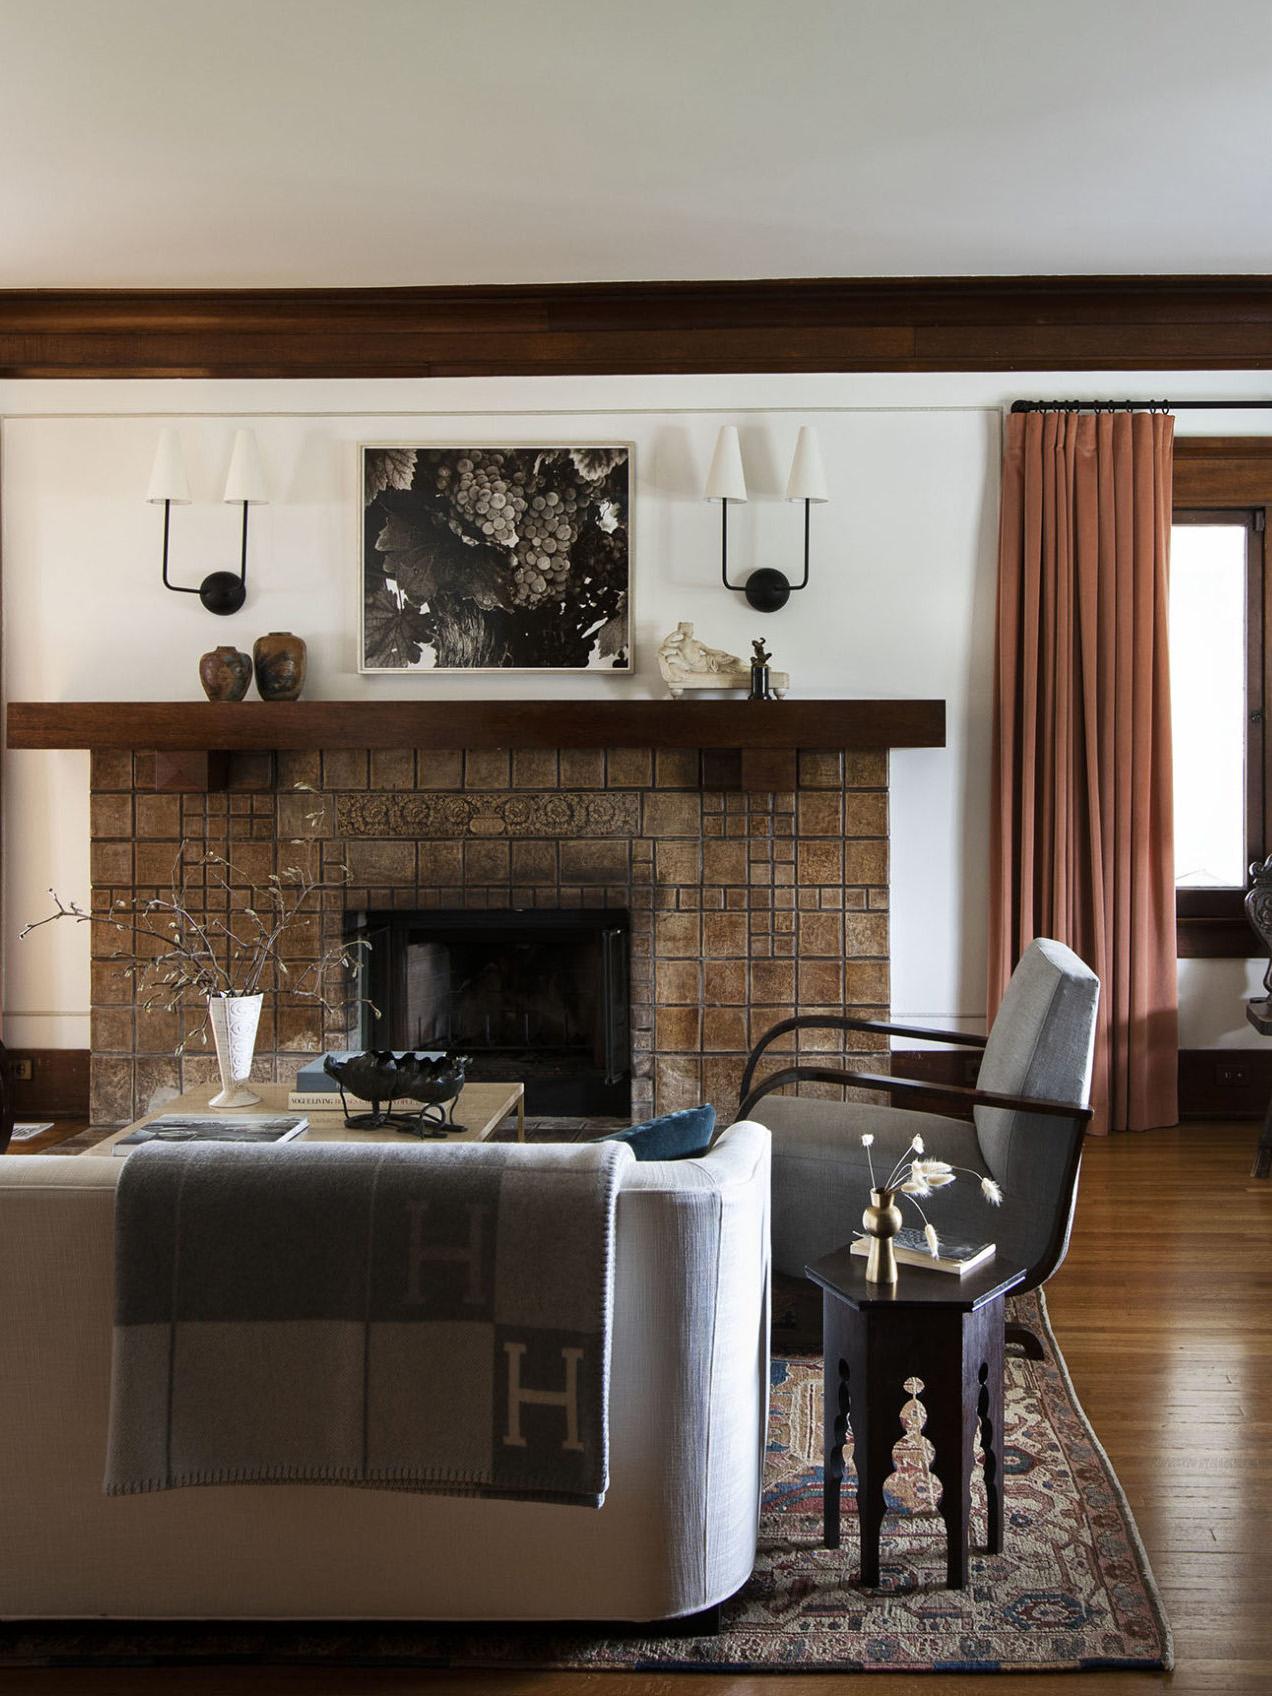 cheminée historique et appliques modernes | visite de maison d'artisan historique moderne jacey duprie